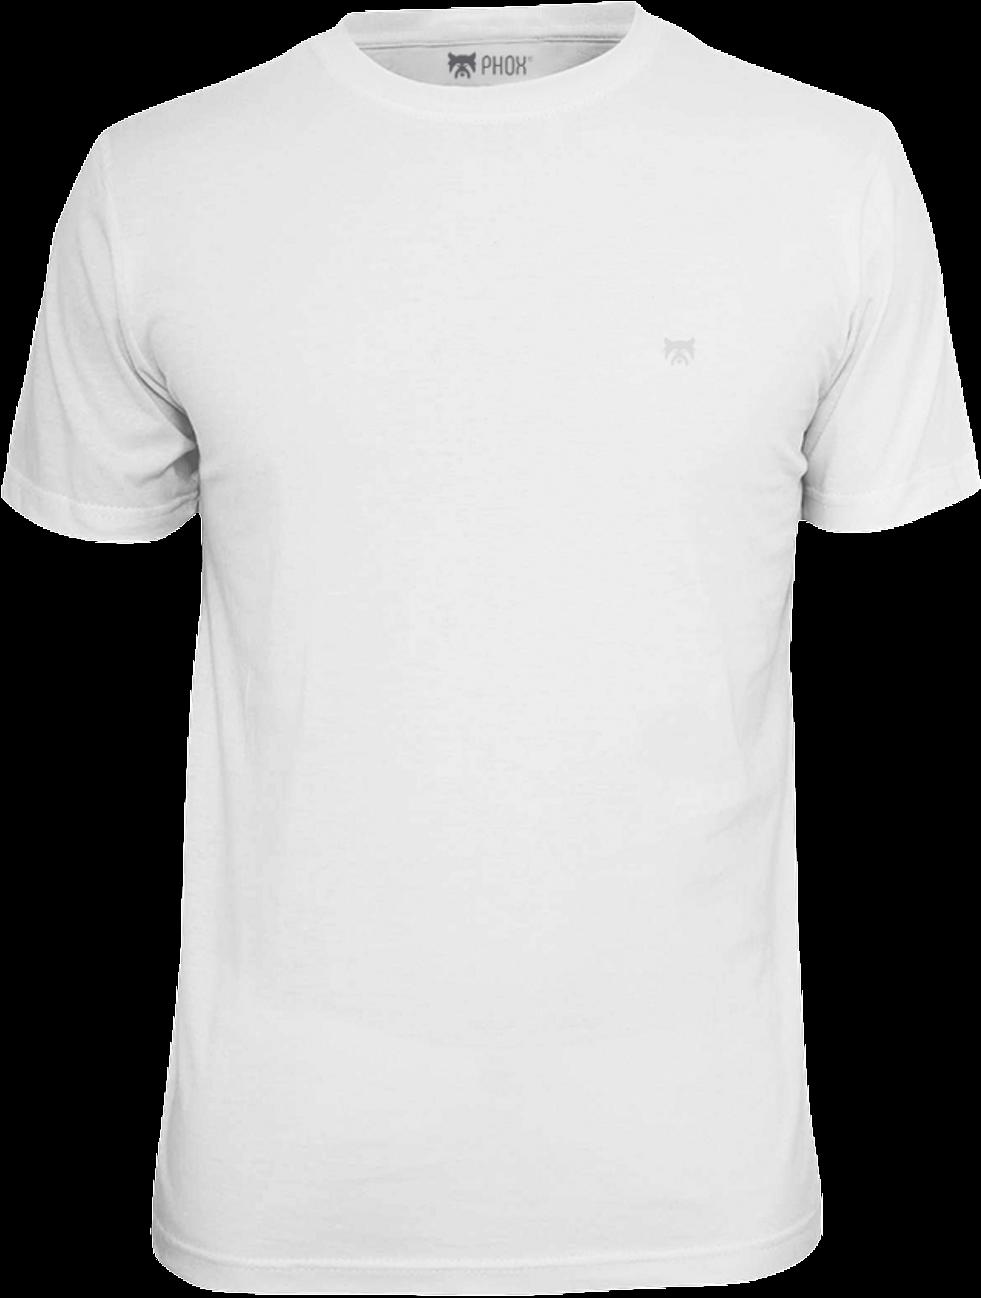 Camisa Branca Png.